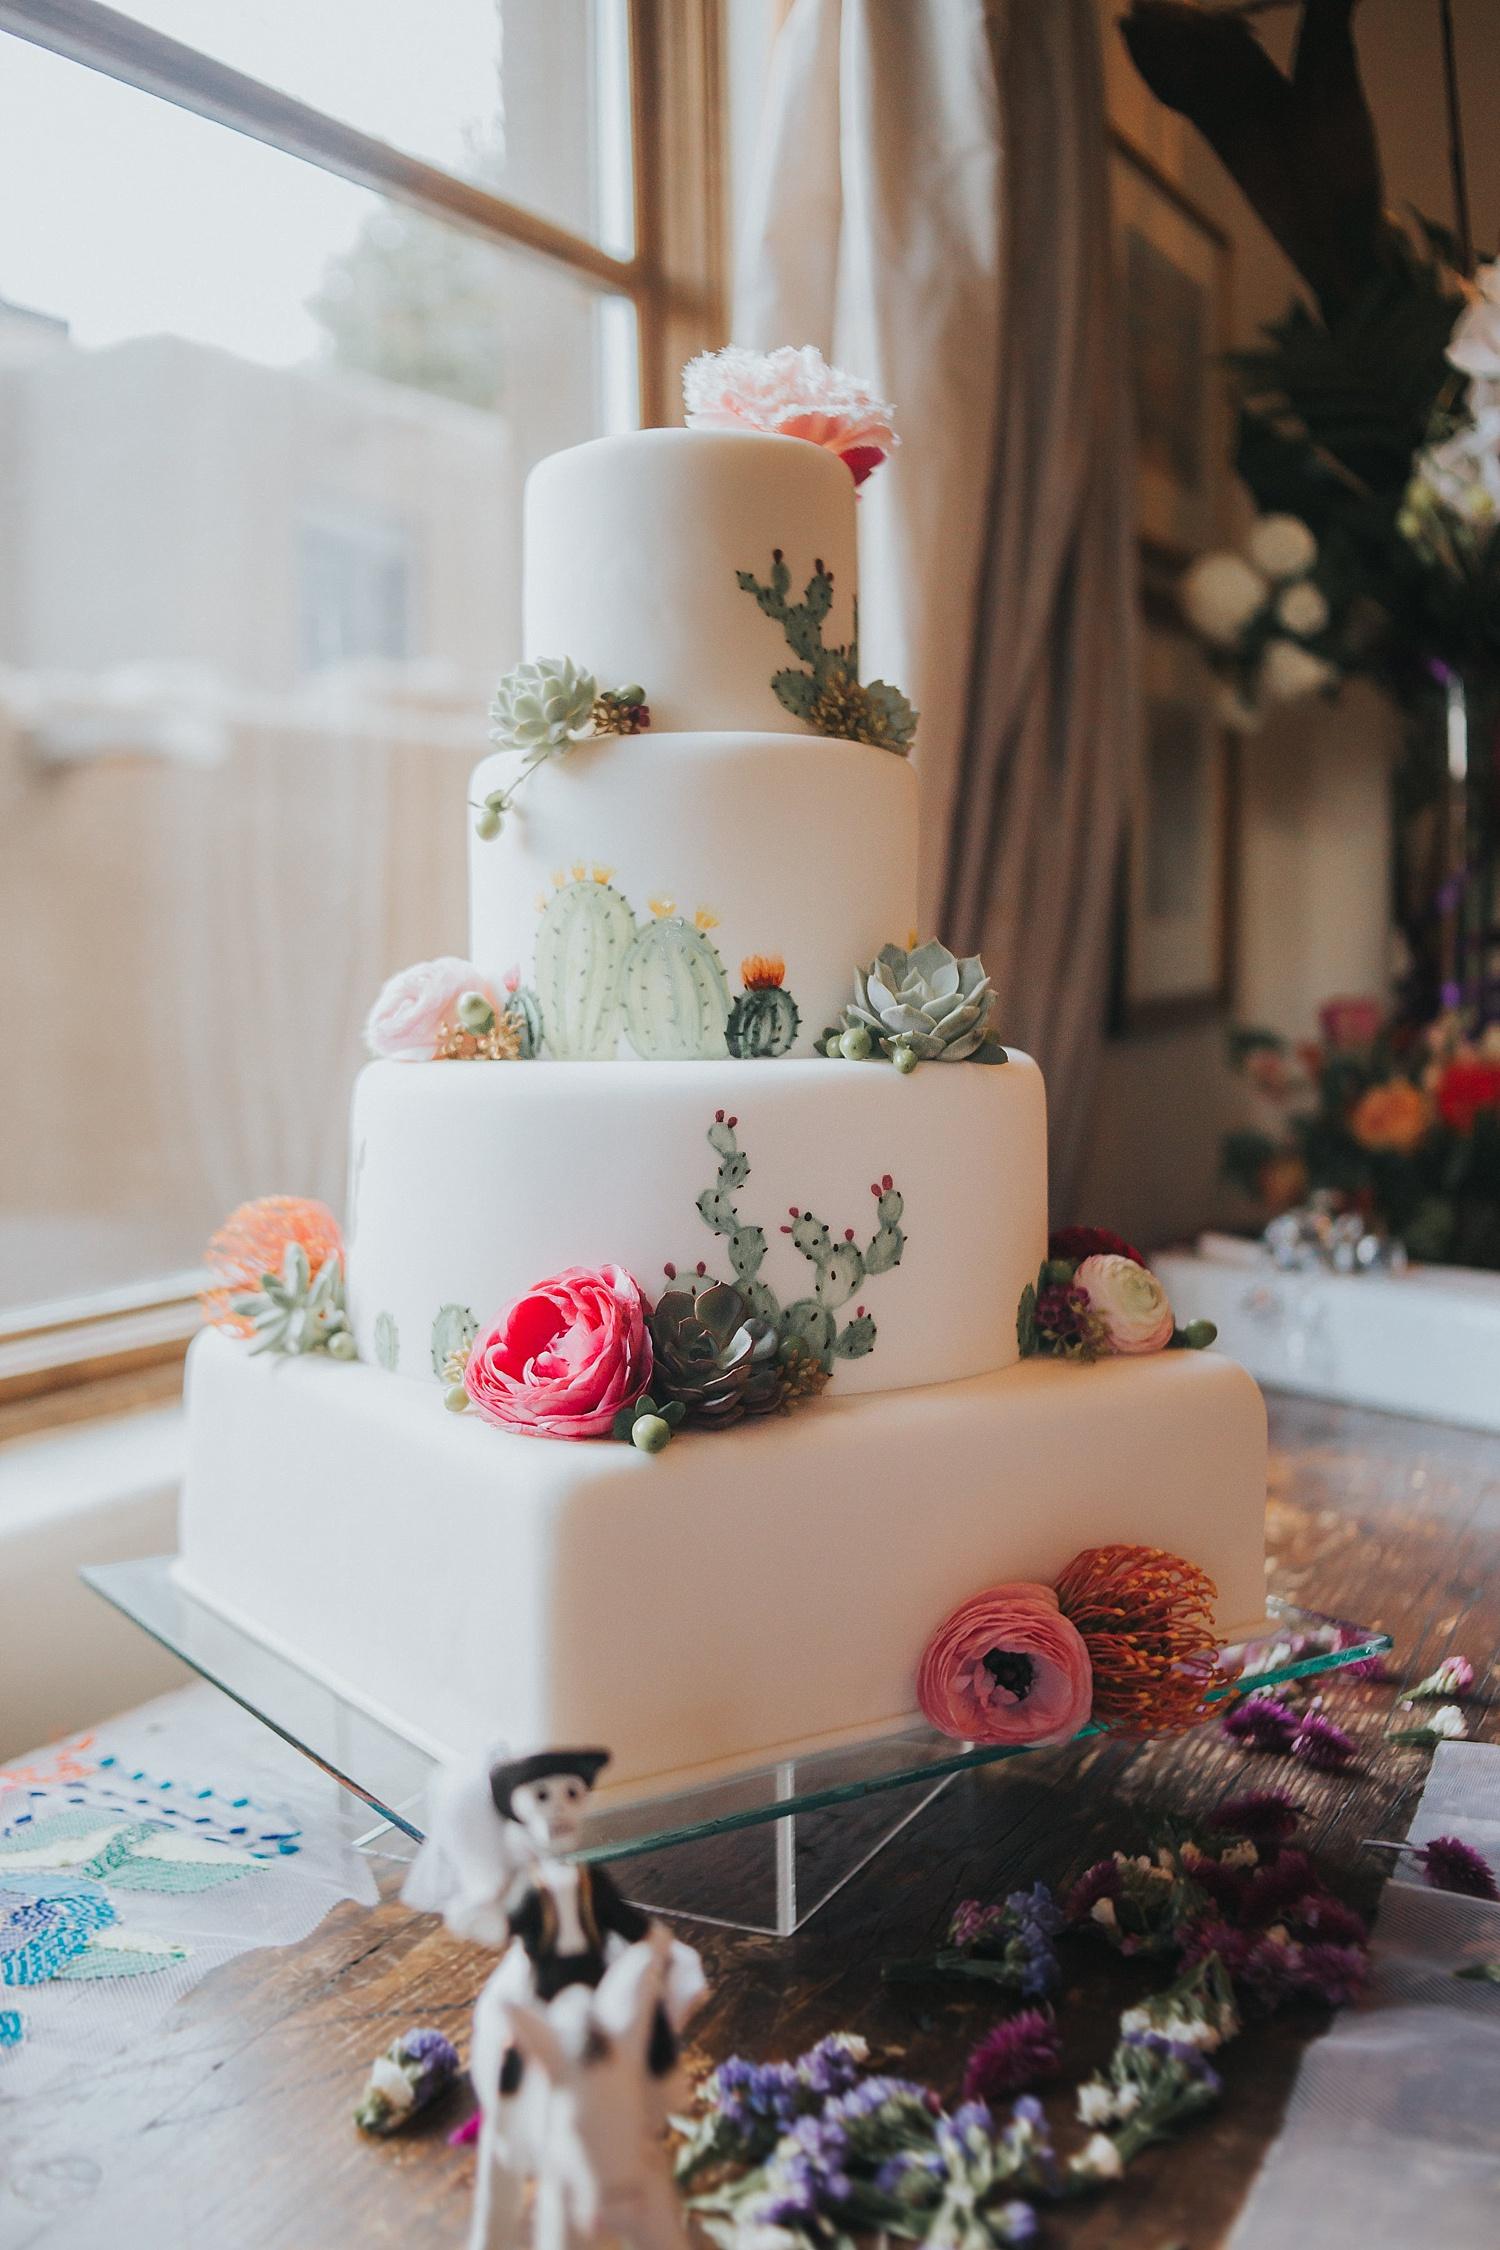 Alicia+lucia+photography+-+albuquerque+wedding+photographer+-+albuquerque+wedding+photography+-+new+mexico+wedding+photographer+-+new+mexico+wedding+cake_0033.jpg